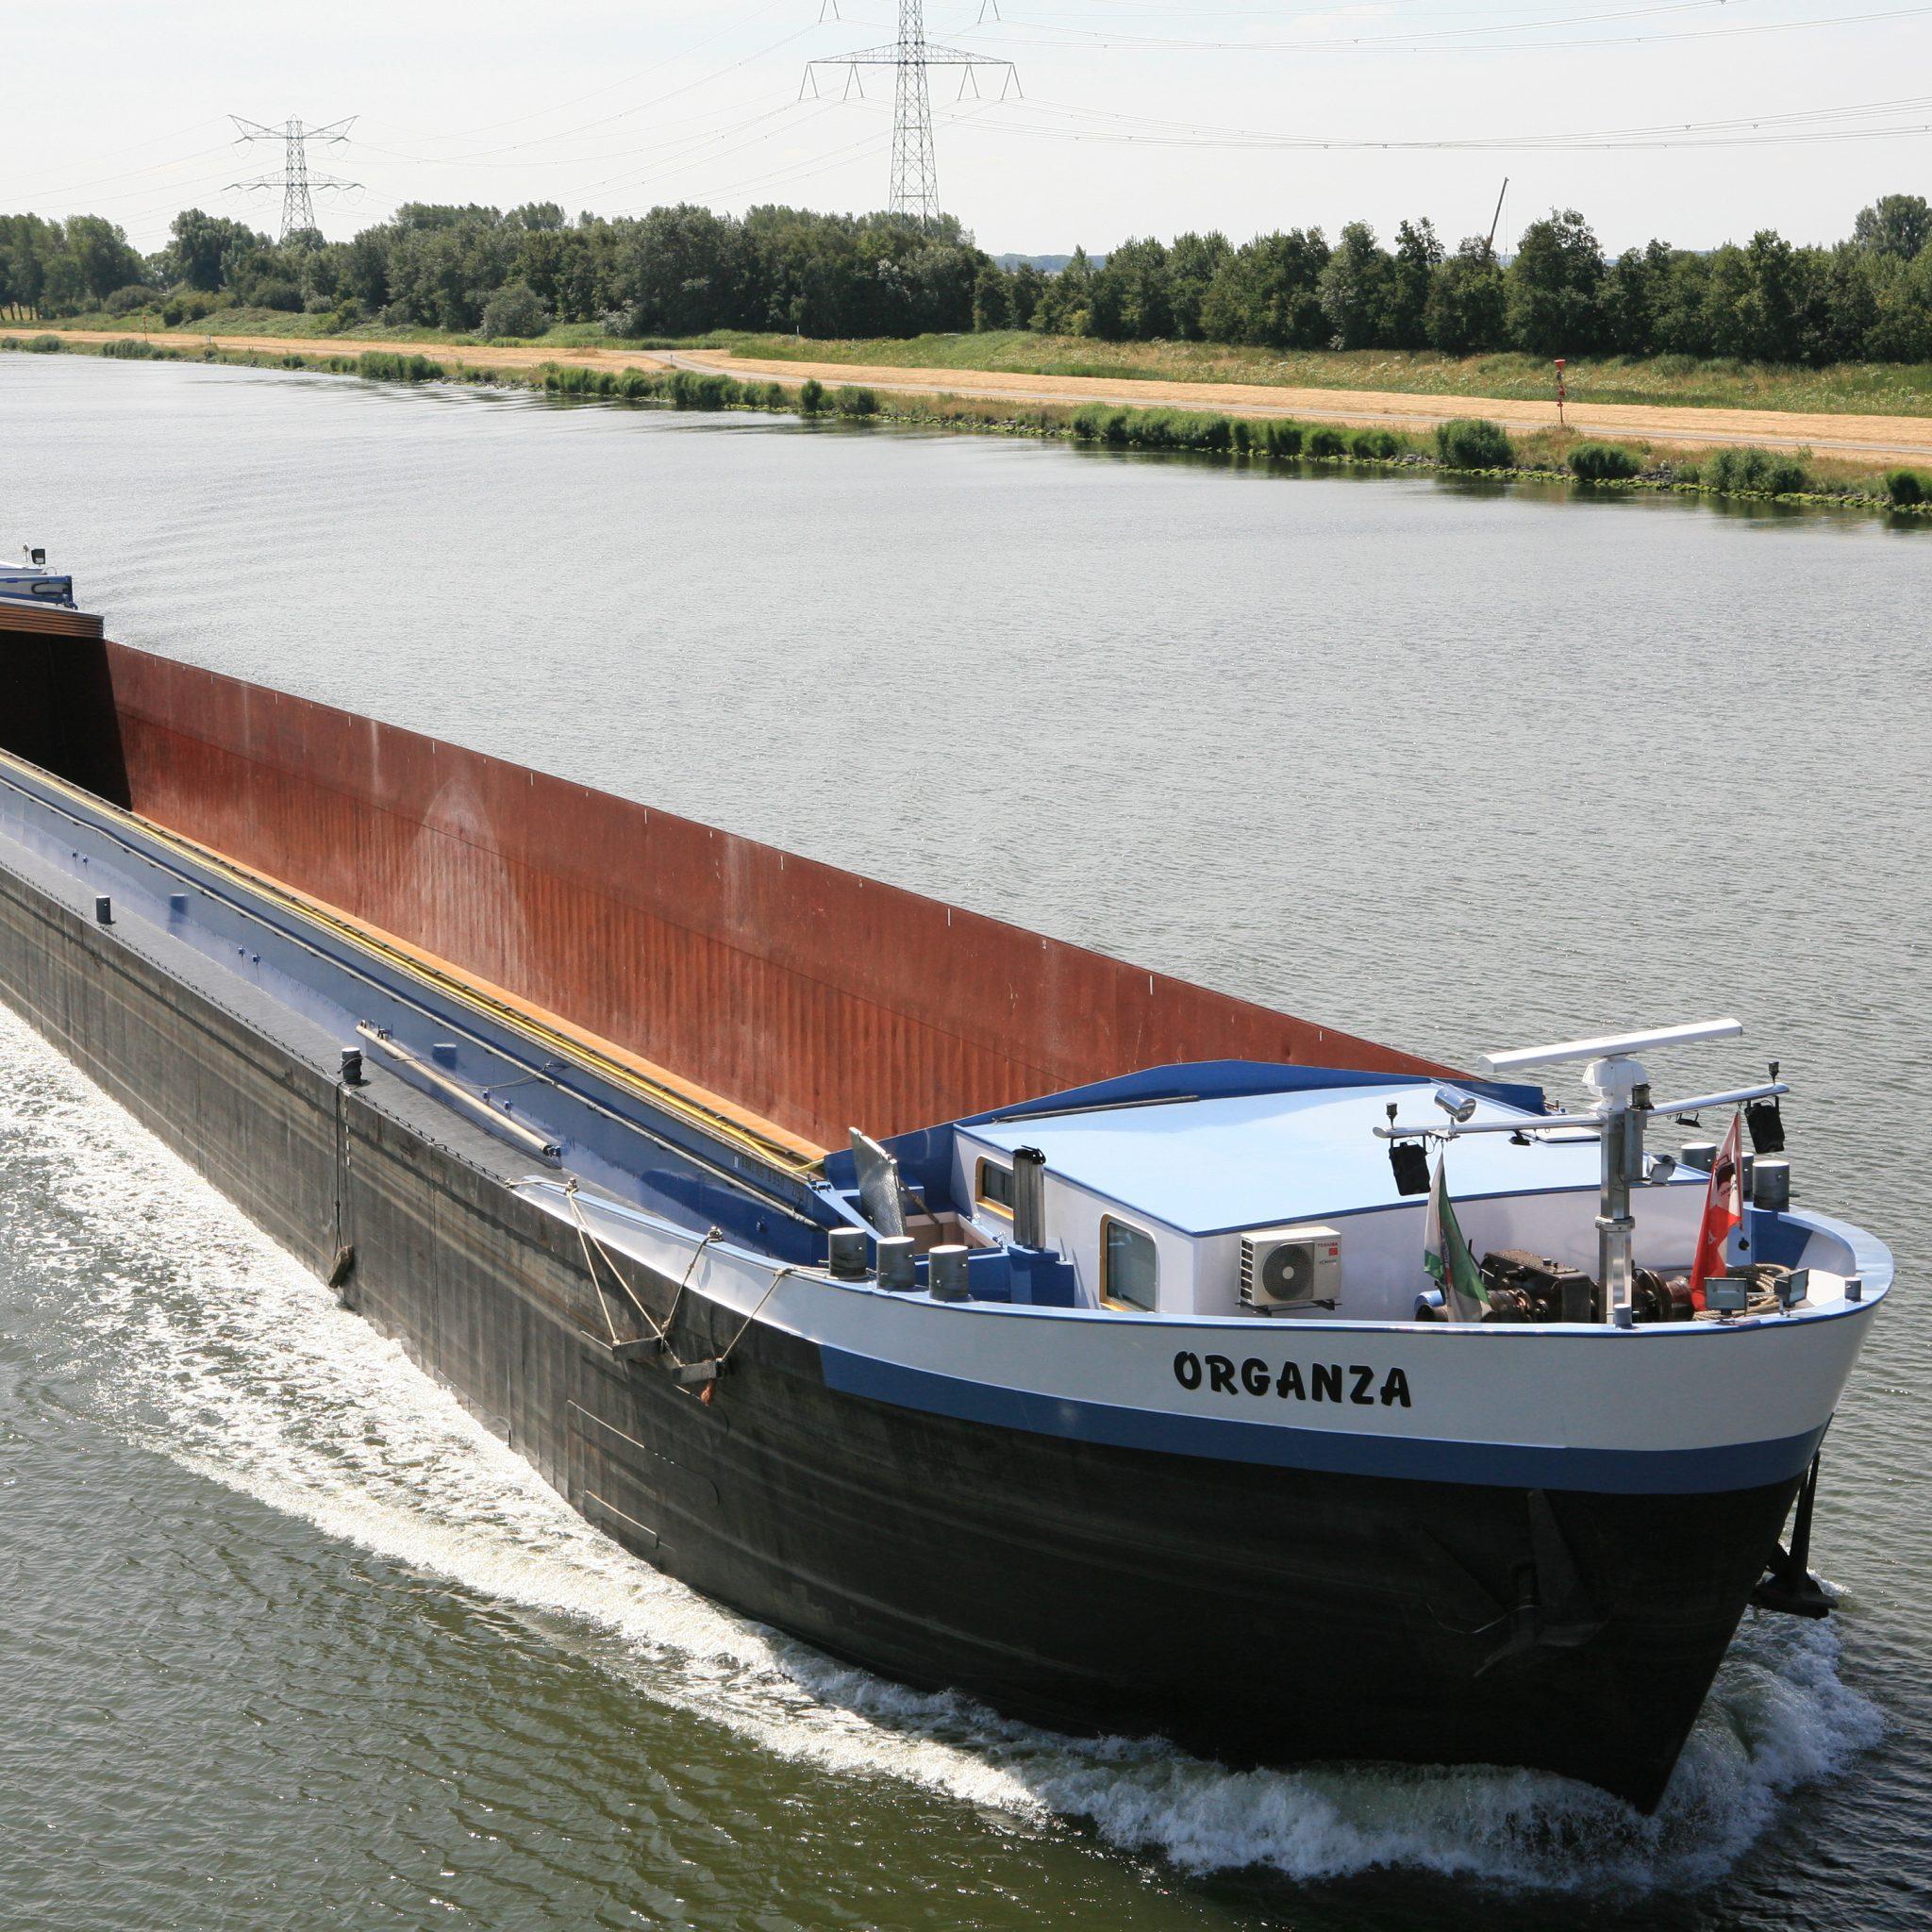 De Organza, hier gefotografeerd op de Schelde-Rijnkanaal, is teruggekeerd uit België. (Foto A.M. van Dijk)